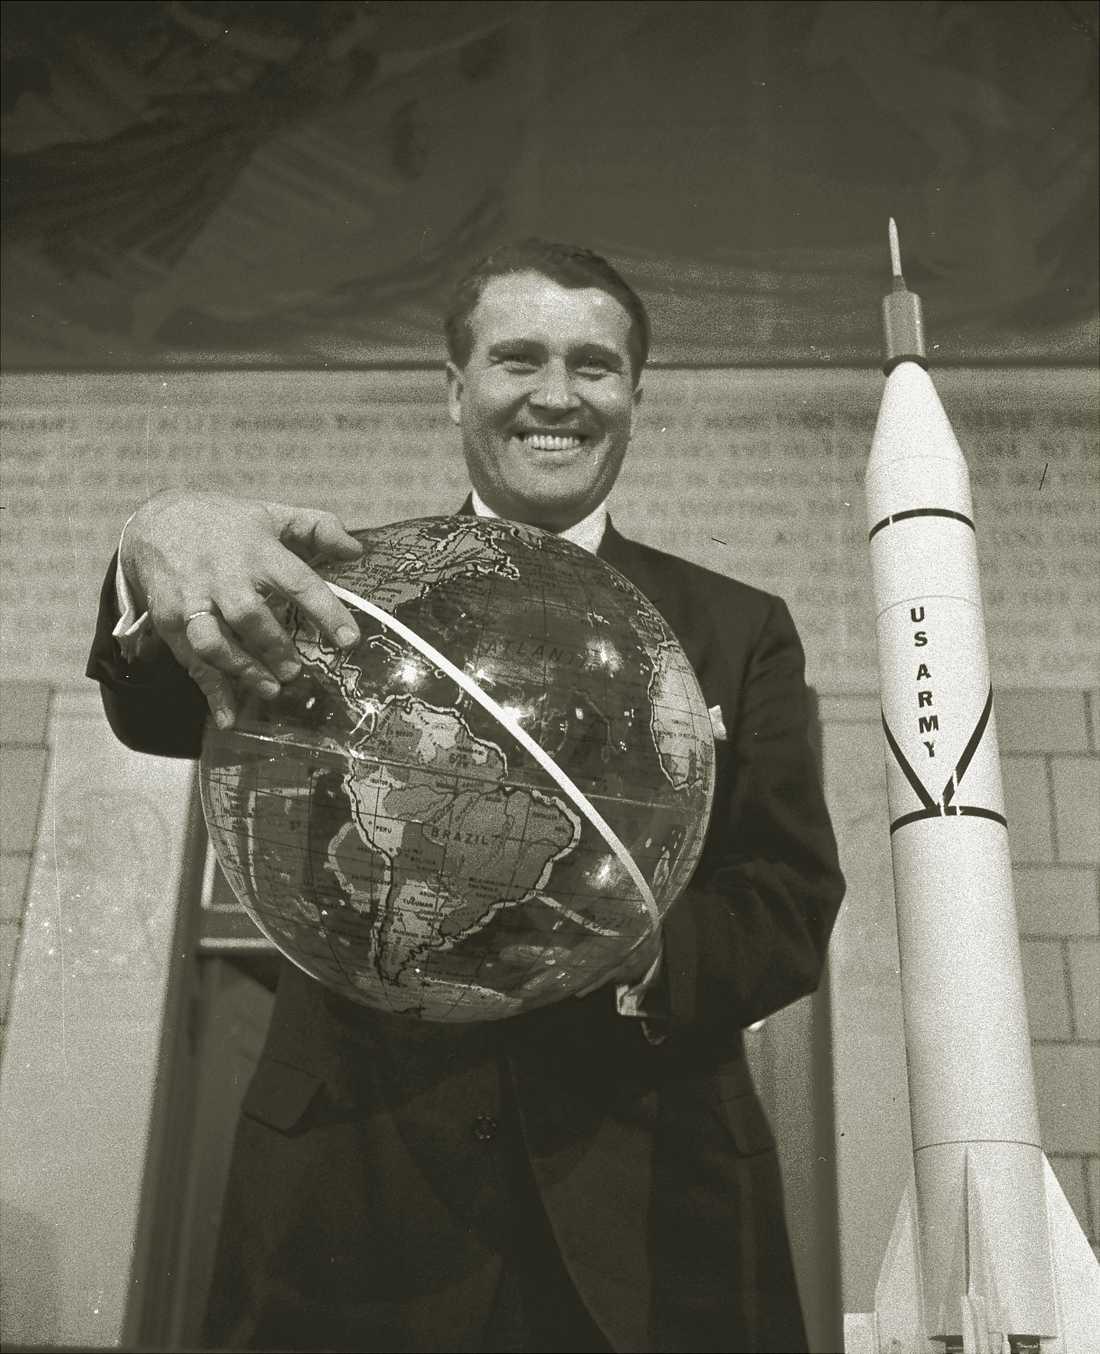 Den tidigare nazisten Wernher von Braun var den som låg bakom den stora hjälpraketen, Saturn V, som gjorde det möjligt för rymdfarkosten Apollo 11 att nå månen.